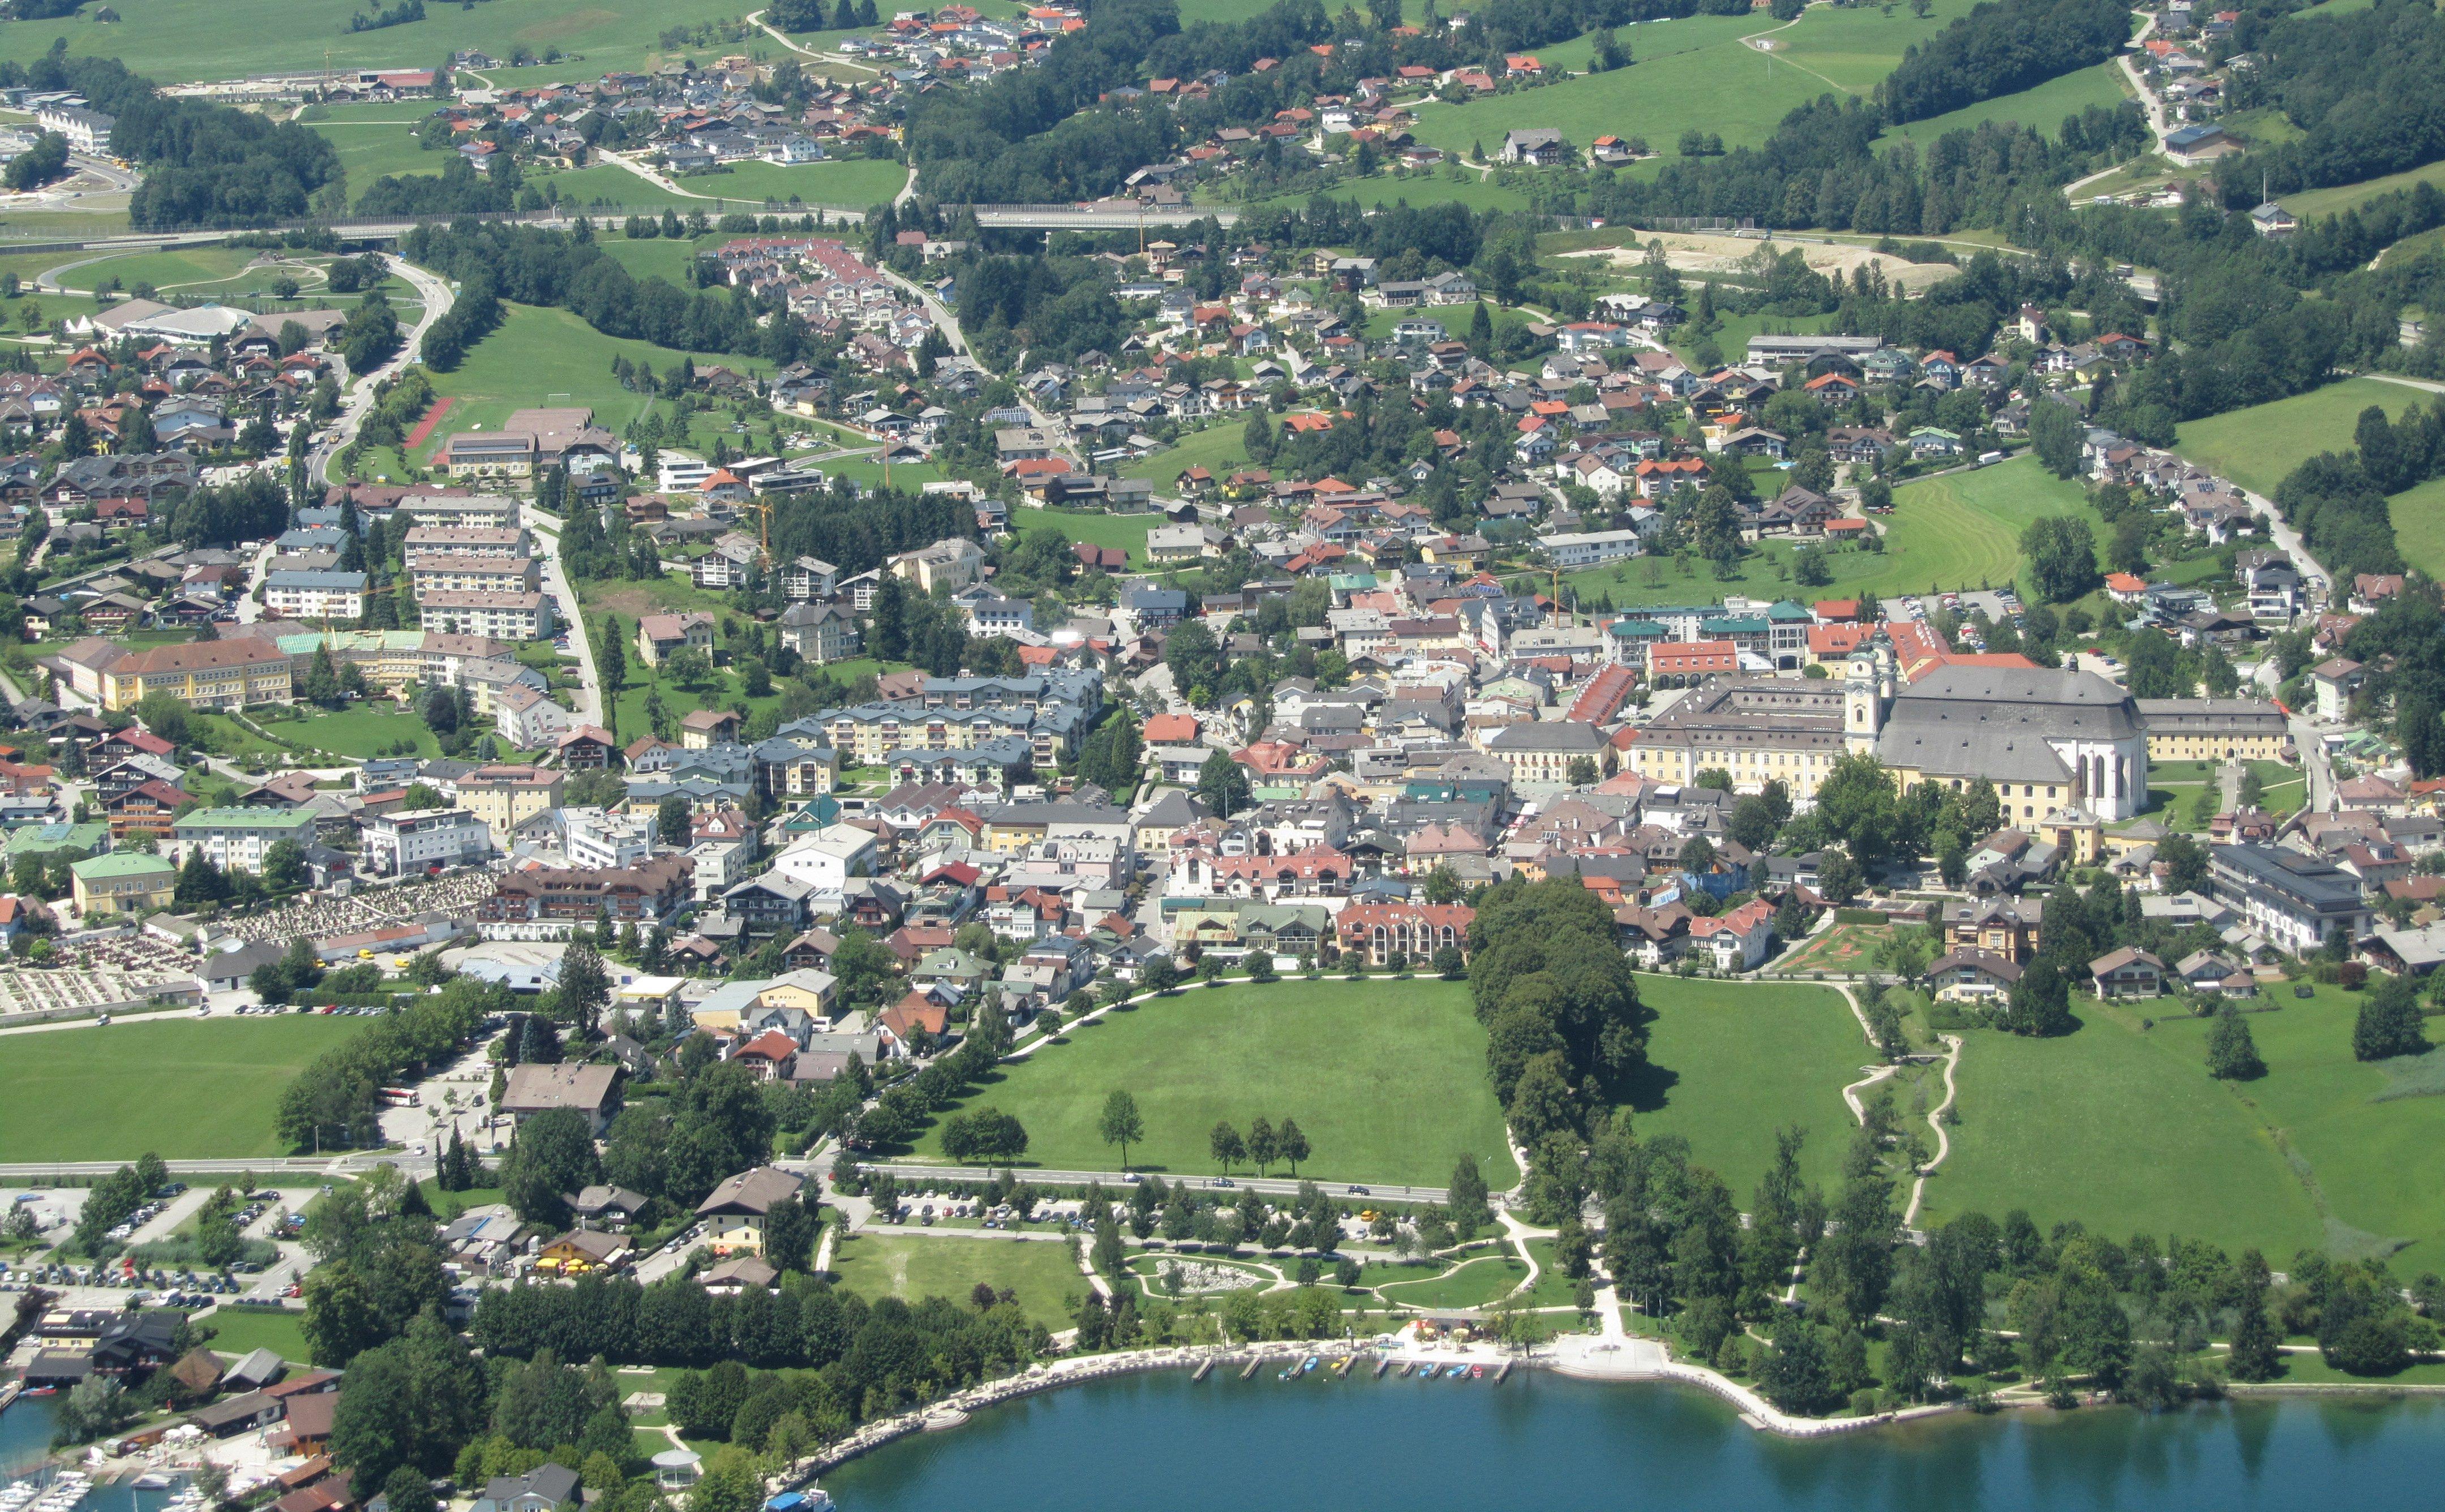 زيارة الى مدينة هالشتات اجمل مدن النمسا 1601867791